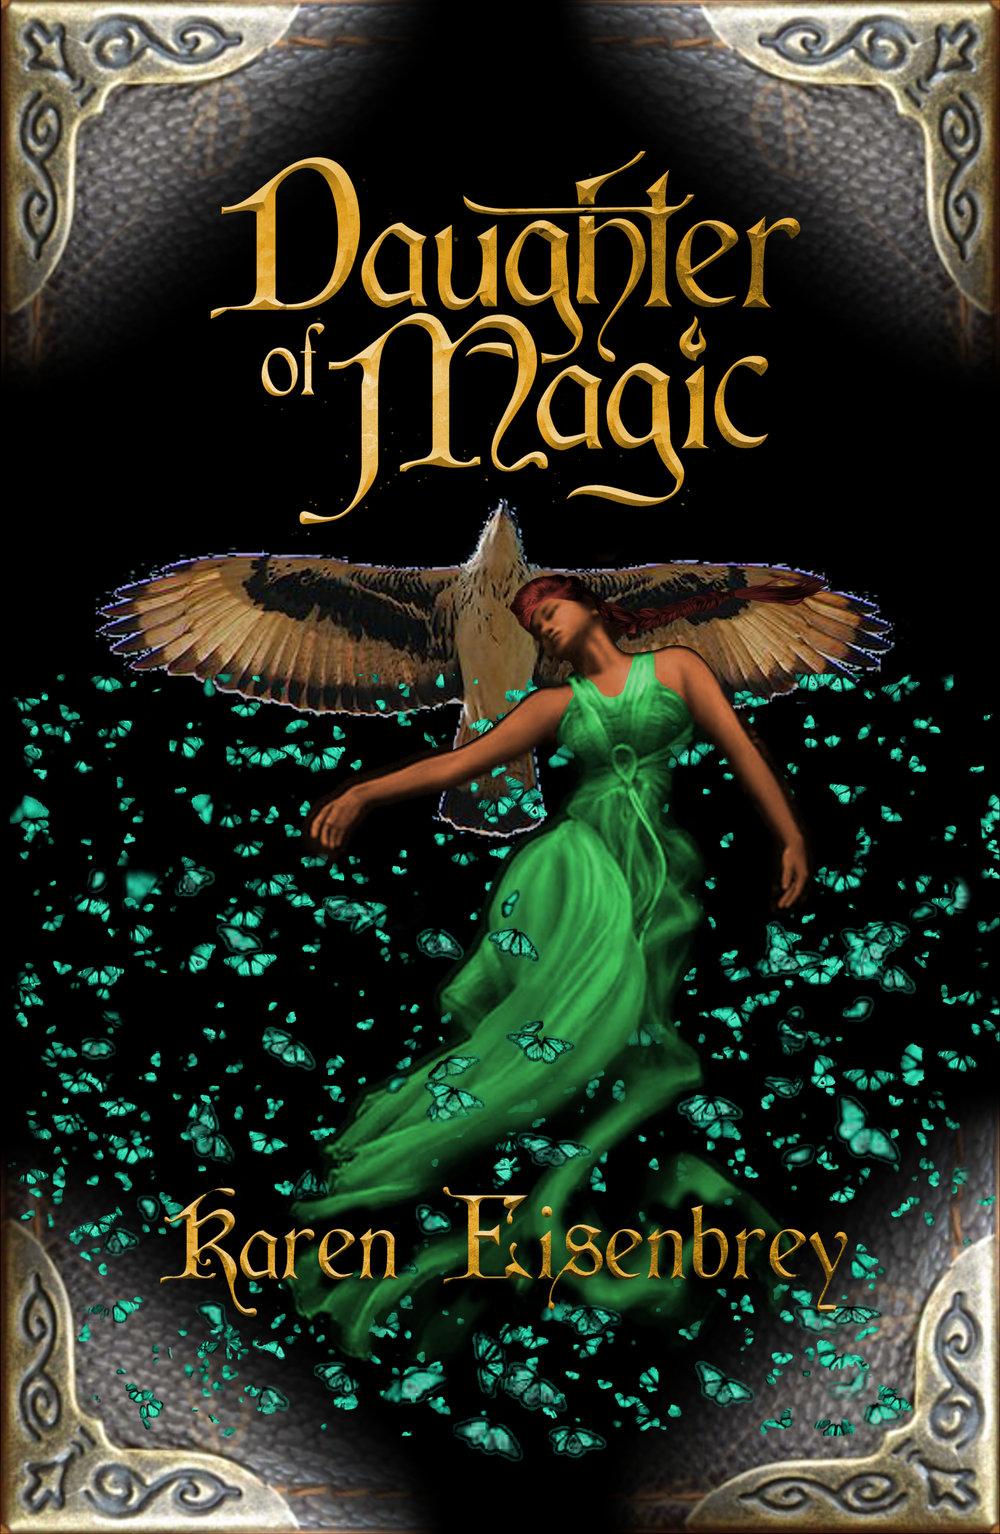 Daughter of Magic eBook Cover edit 1.jpg